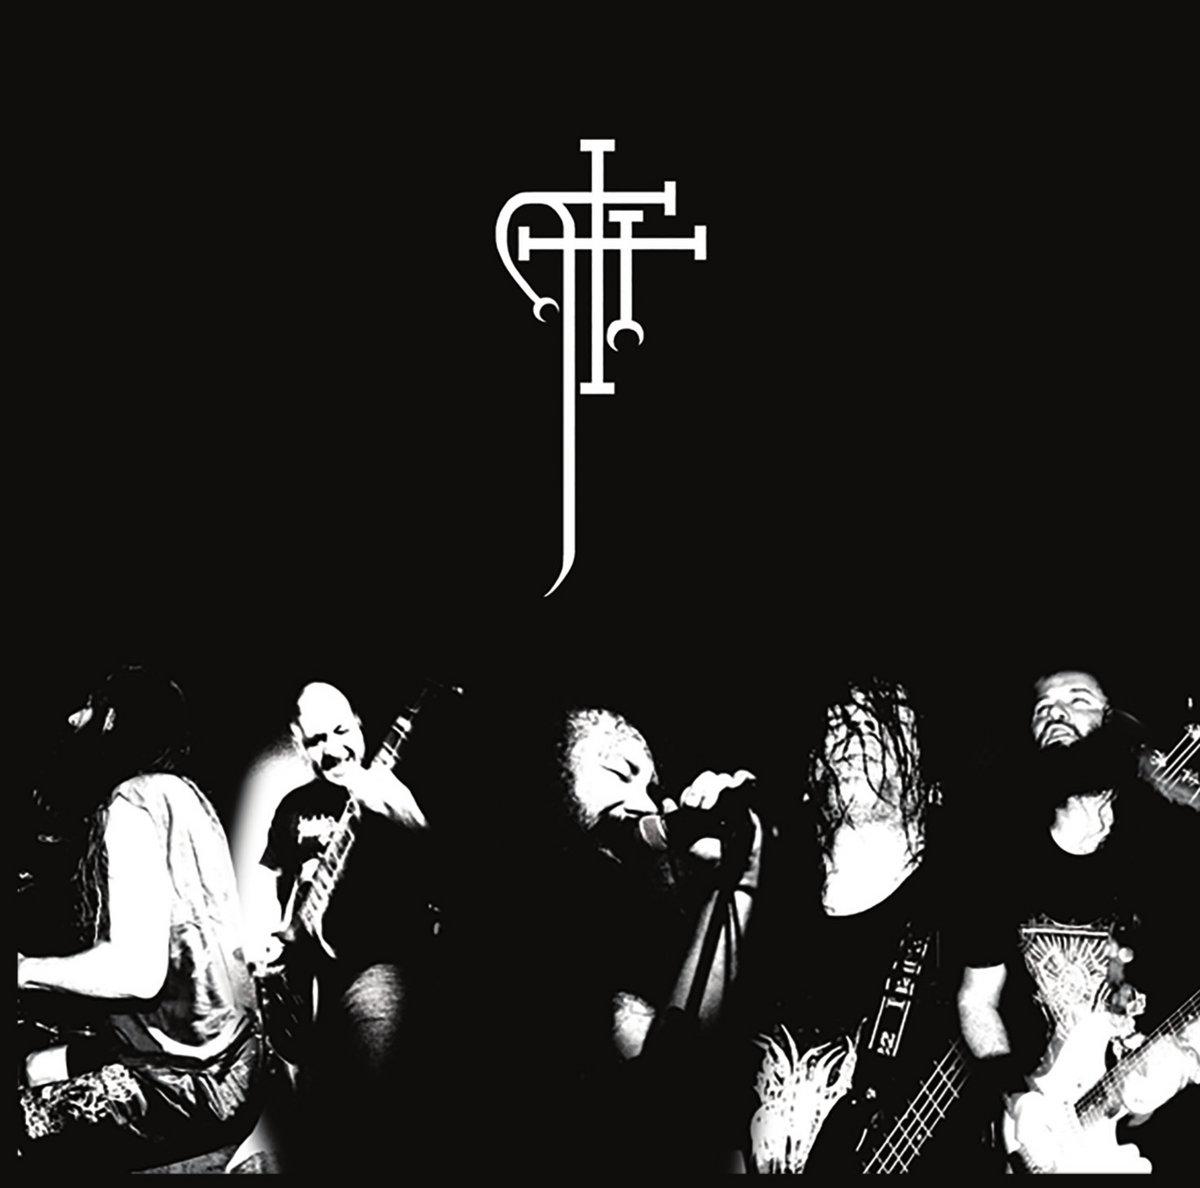 The bottle doom lazy band doom metal interview le scribe du rock